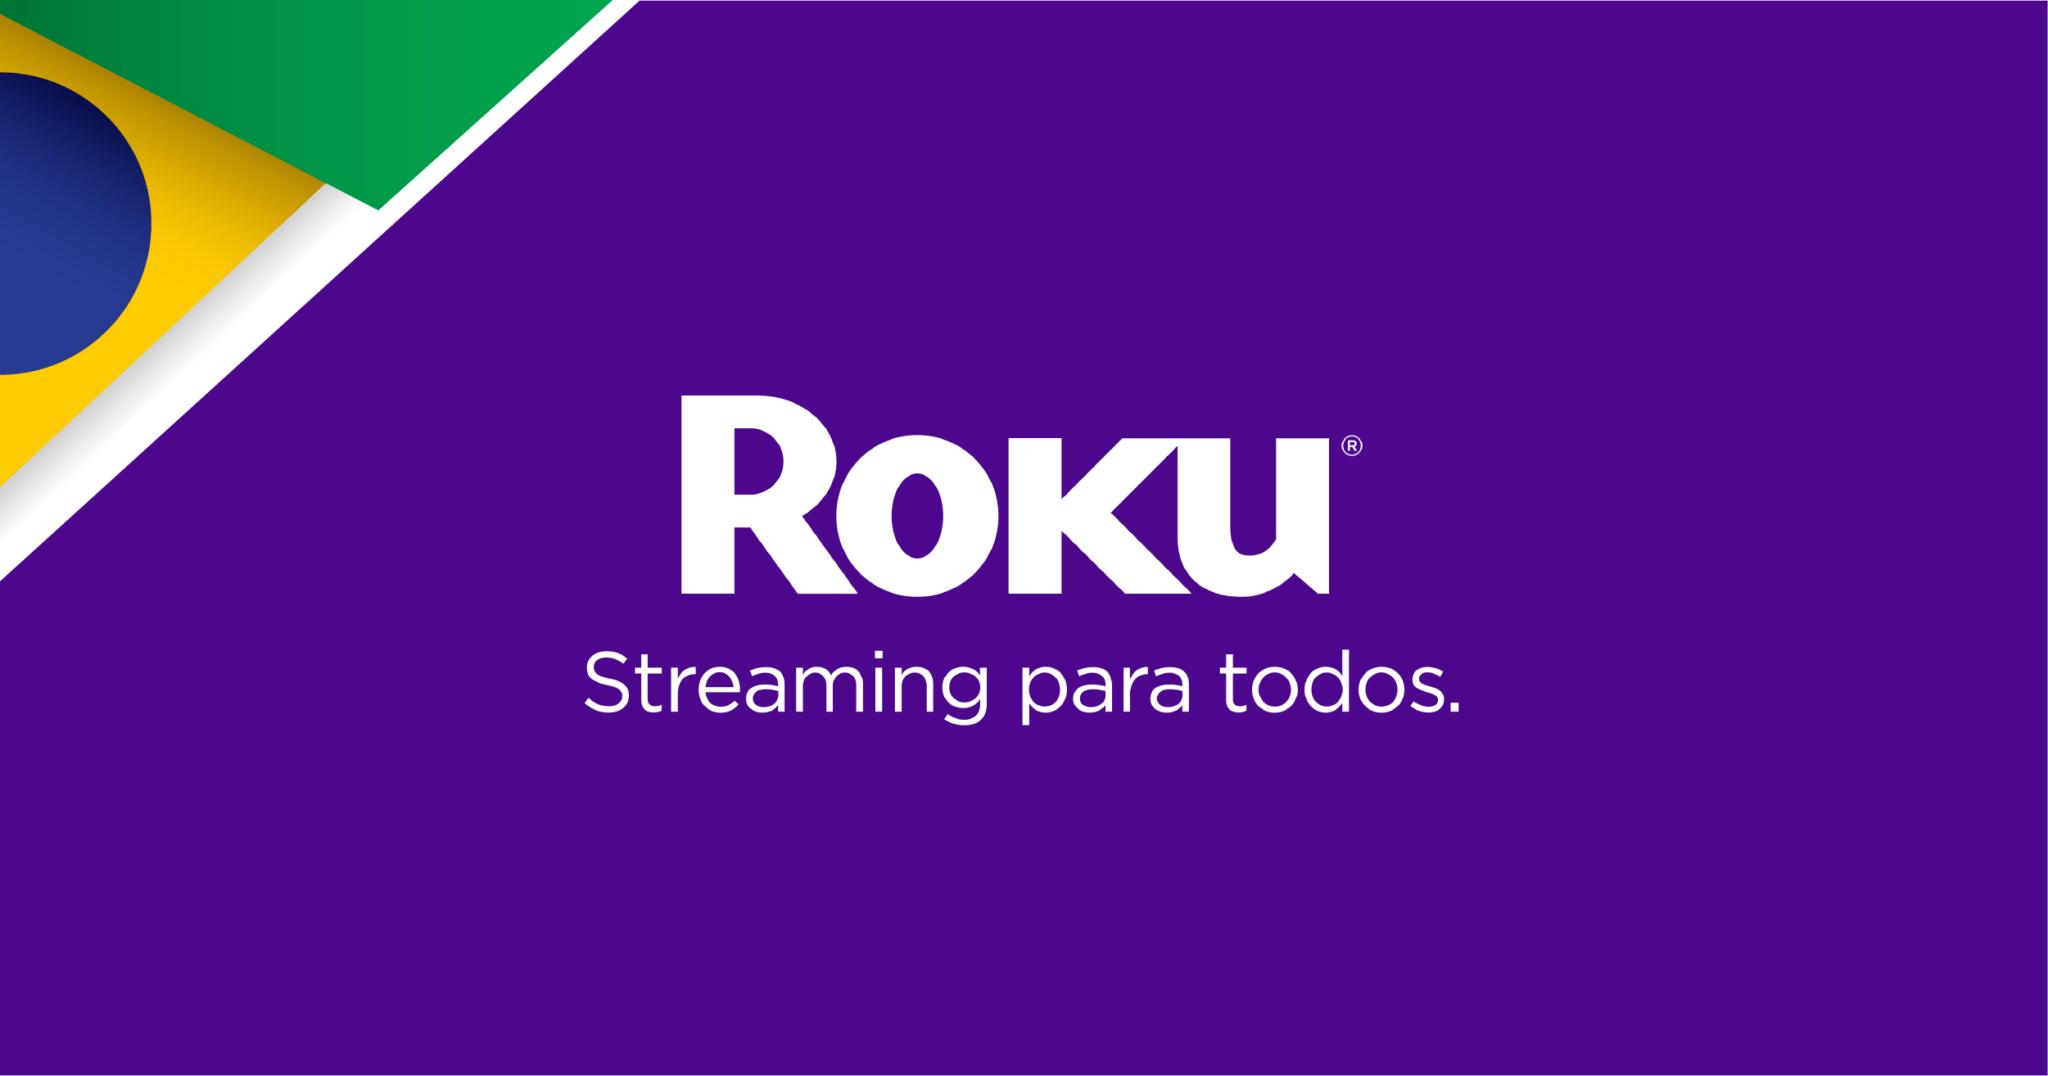 Roku-Brazil